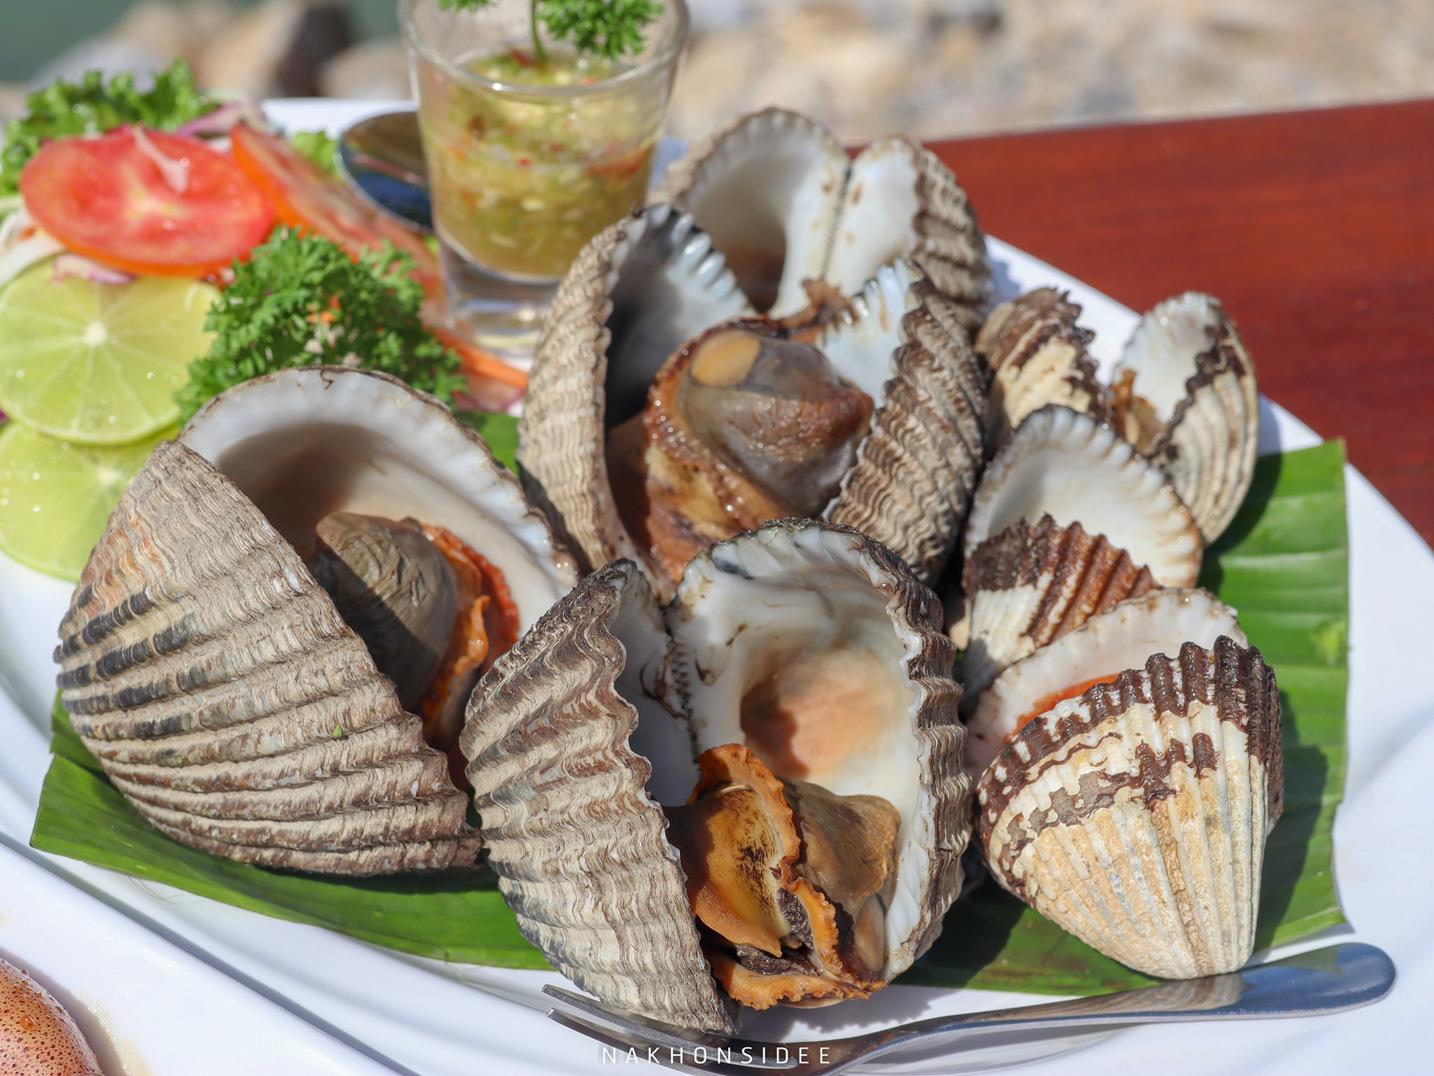 หอยแครงไซส์ยักษ์ คือยักษ์จริงๆ ที่พัก,ขนอม,เปิดใหม่,อ่าวขนอม,รีสอร์ท,ซีฟู๊ด,อร่อย,หาดในเพลา